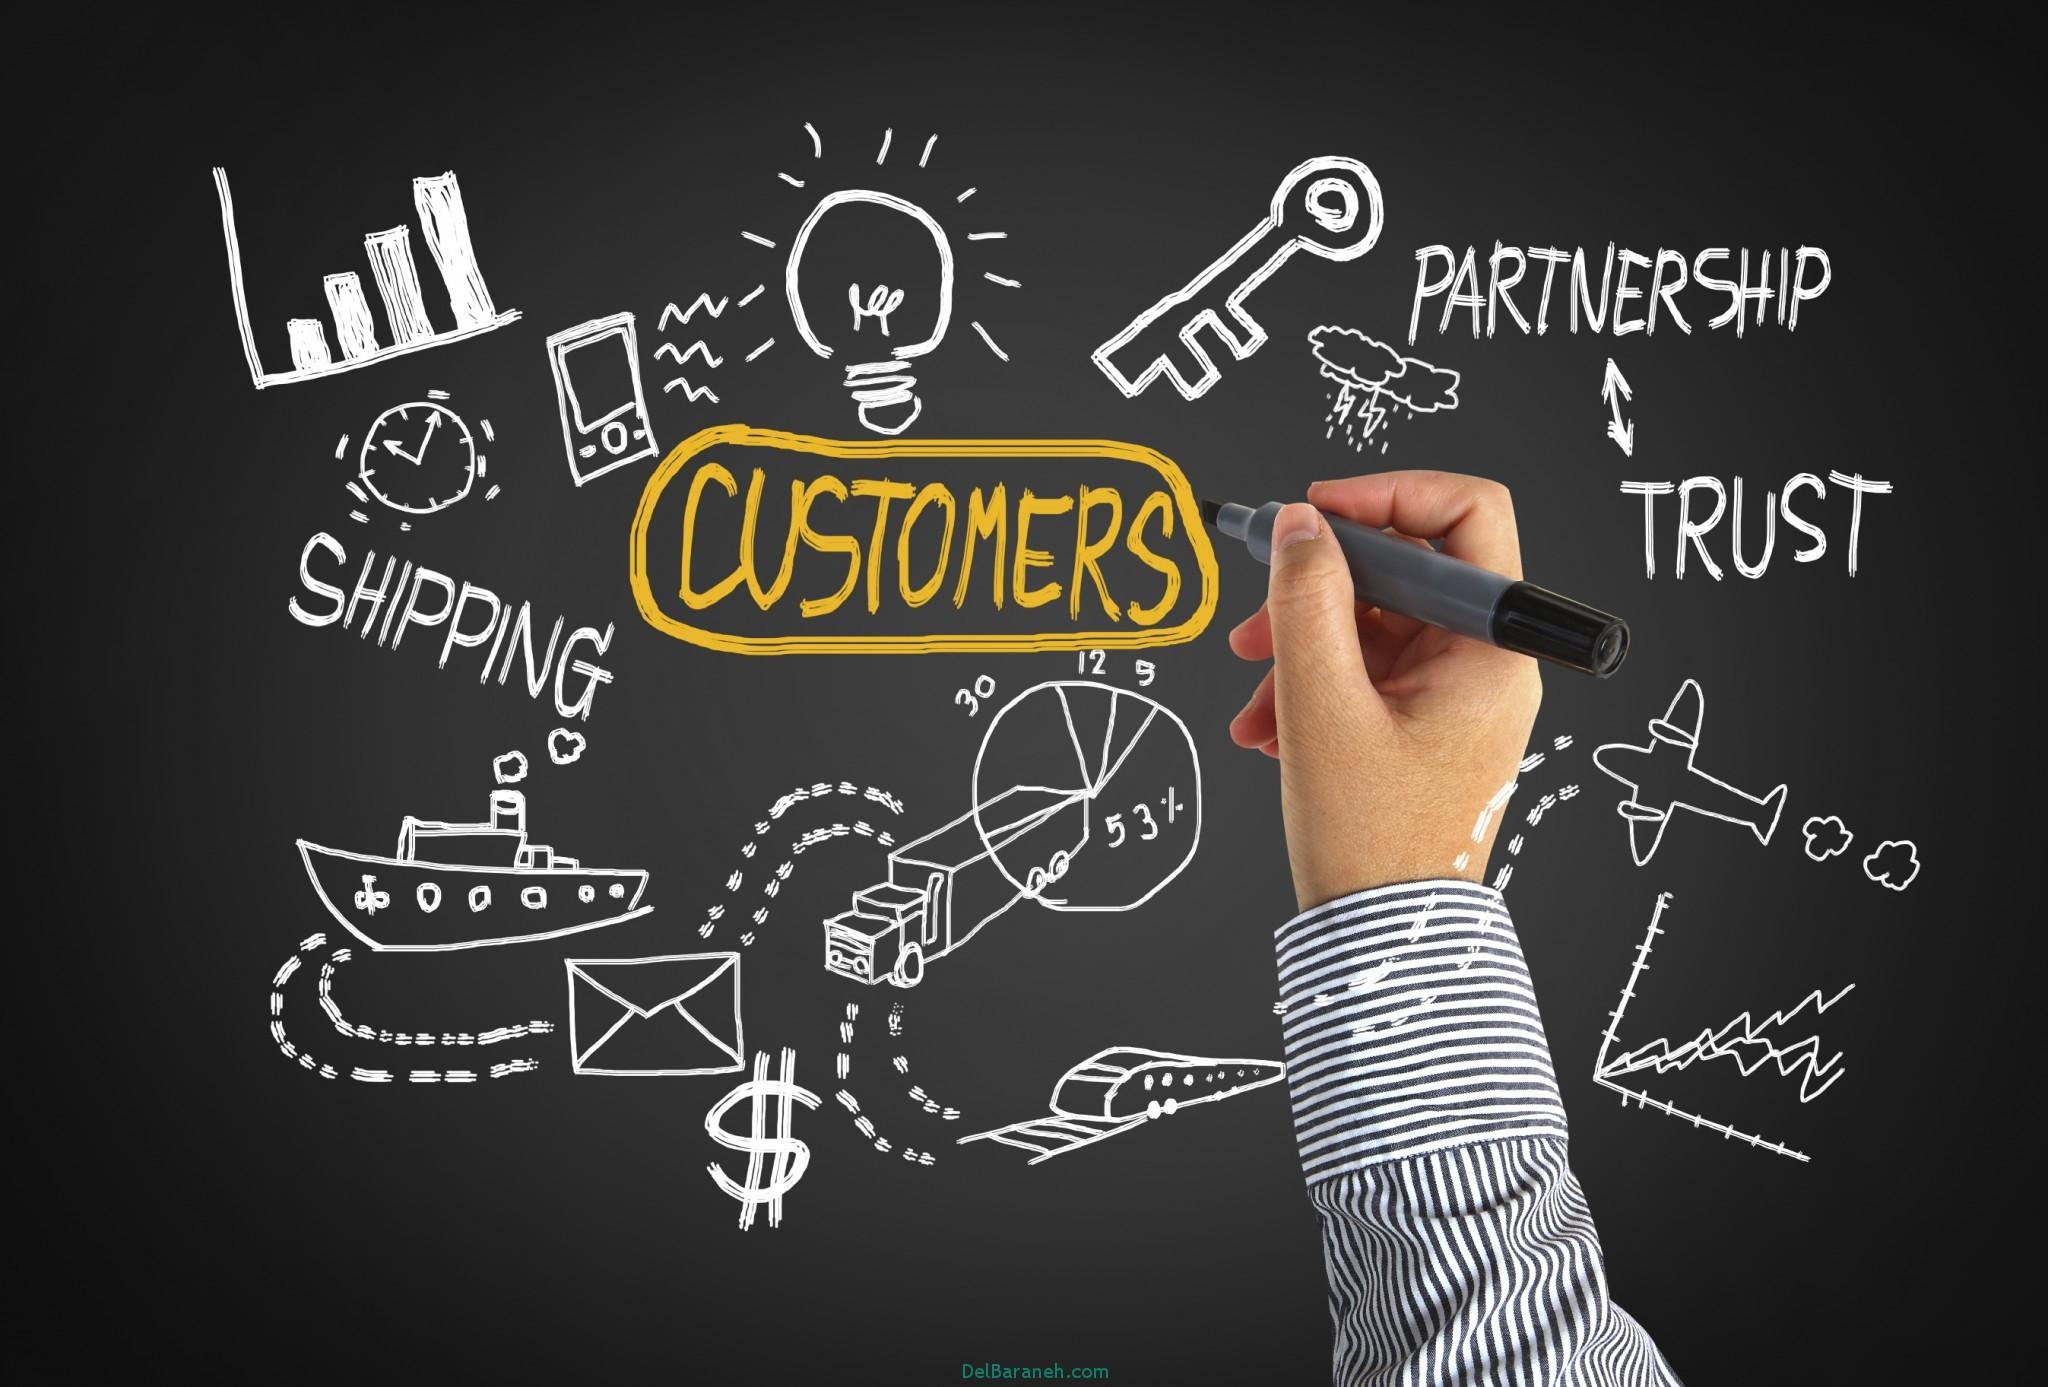 جدیدترین تکنیک های فروش در بازاریابی را بدانید